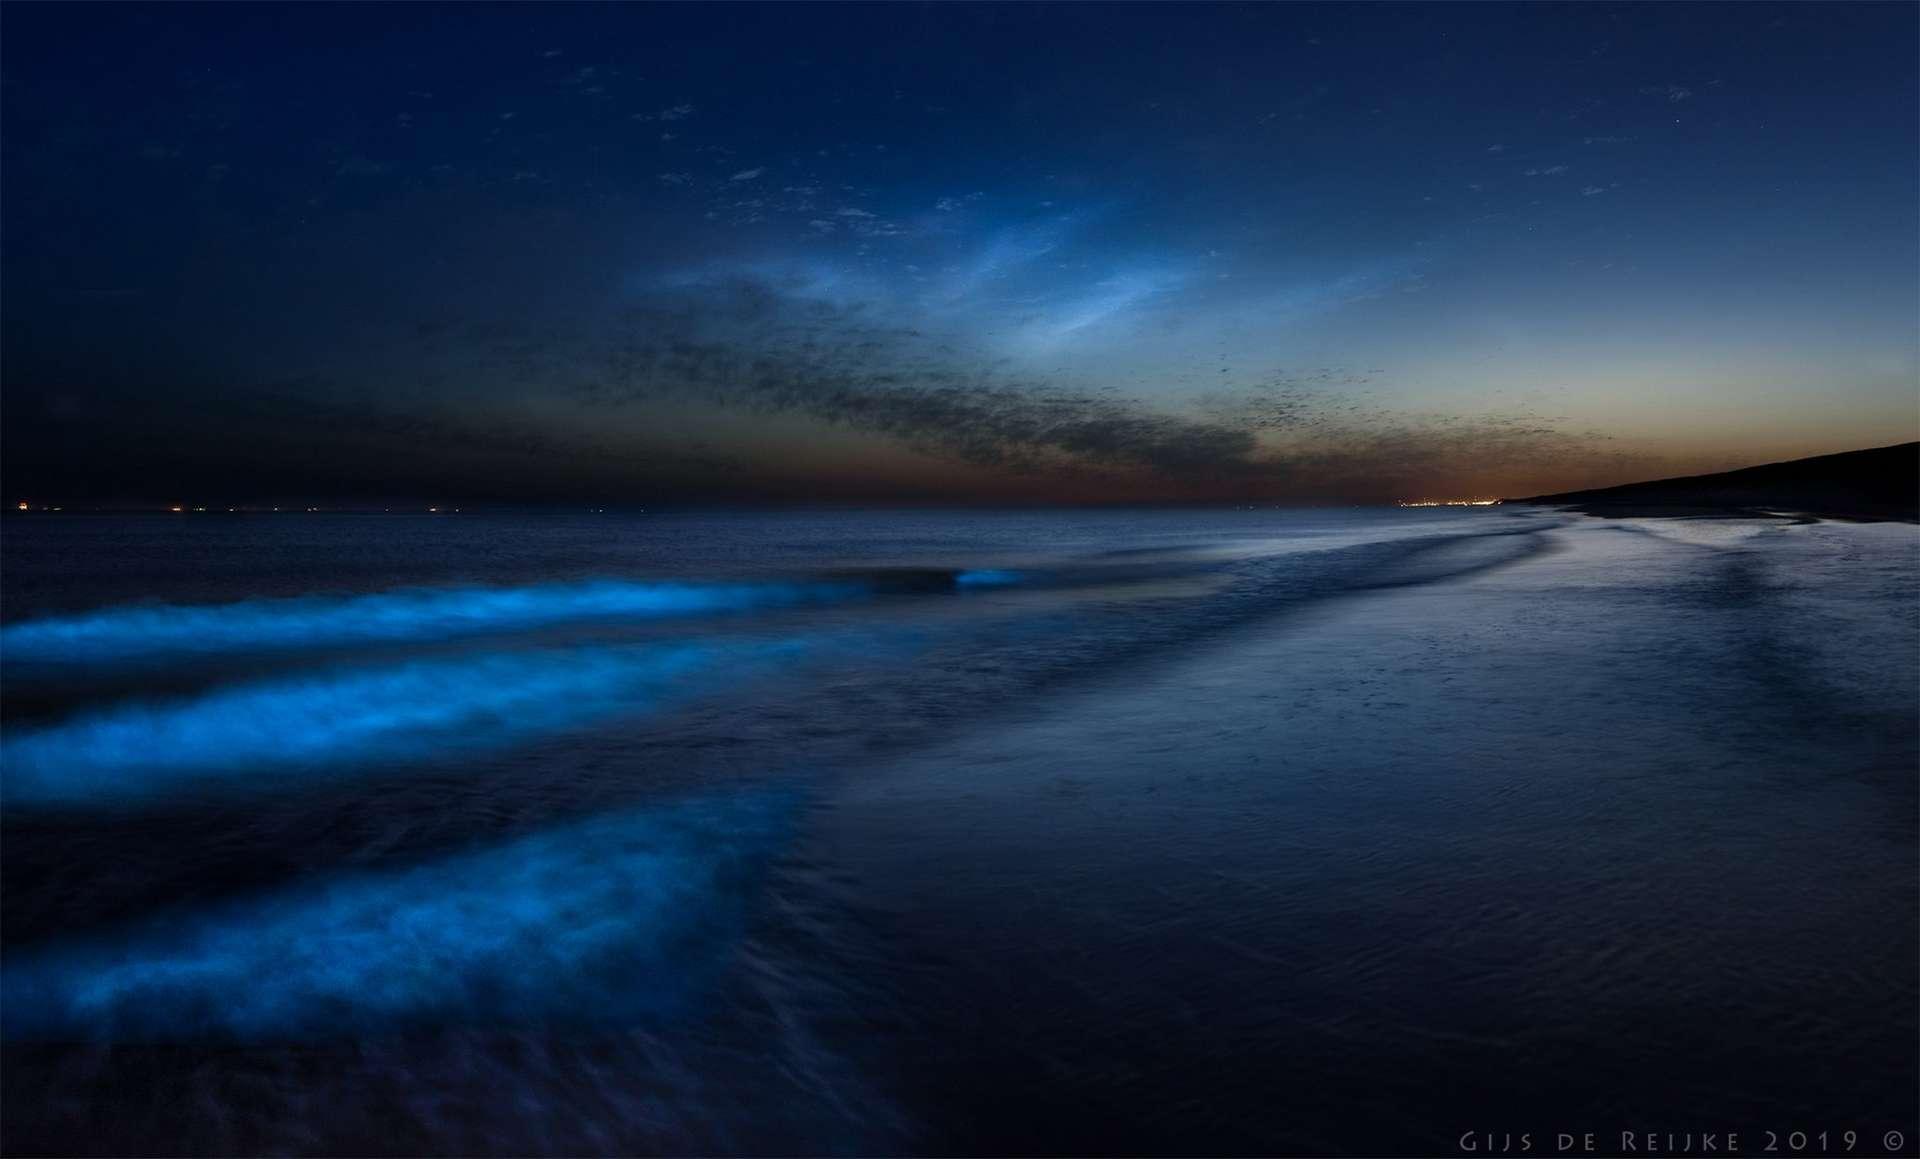 Noctiluca scintillans est une algue bioluminescente qui prolifère lorsque l'eau est calme et chaude. © Gijs de Reijke via @weermanreinier, Twitter